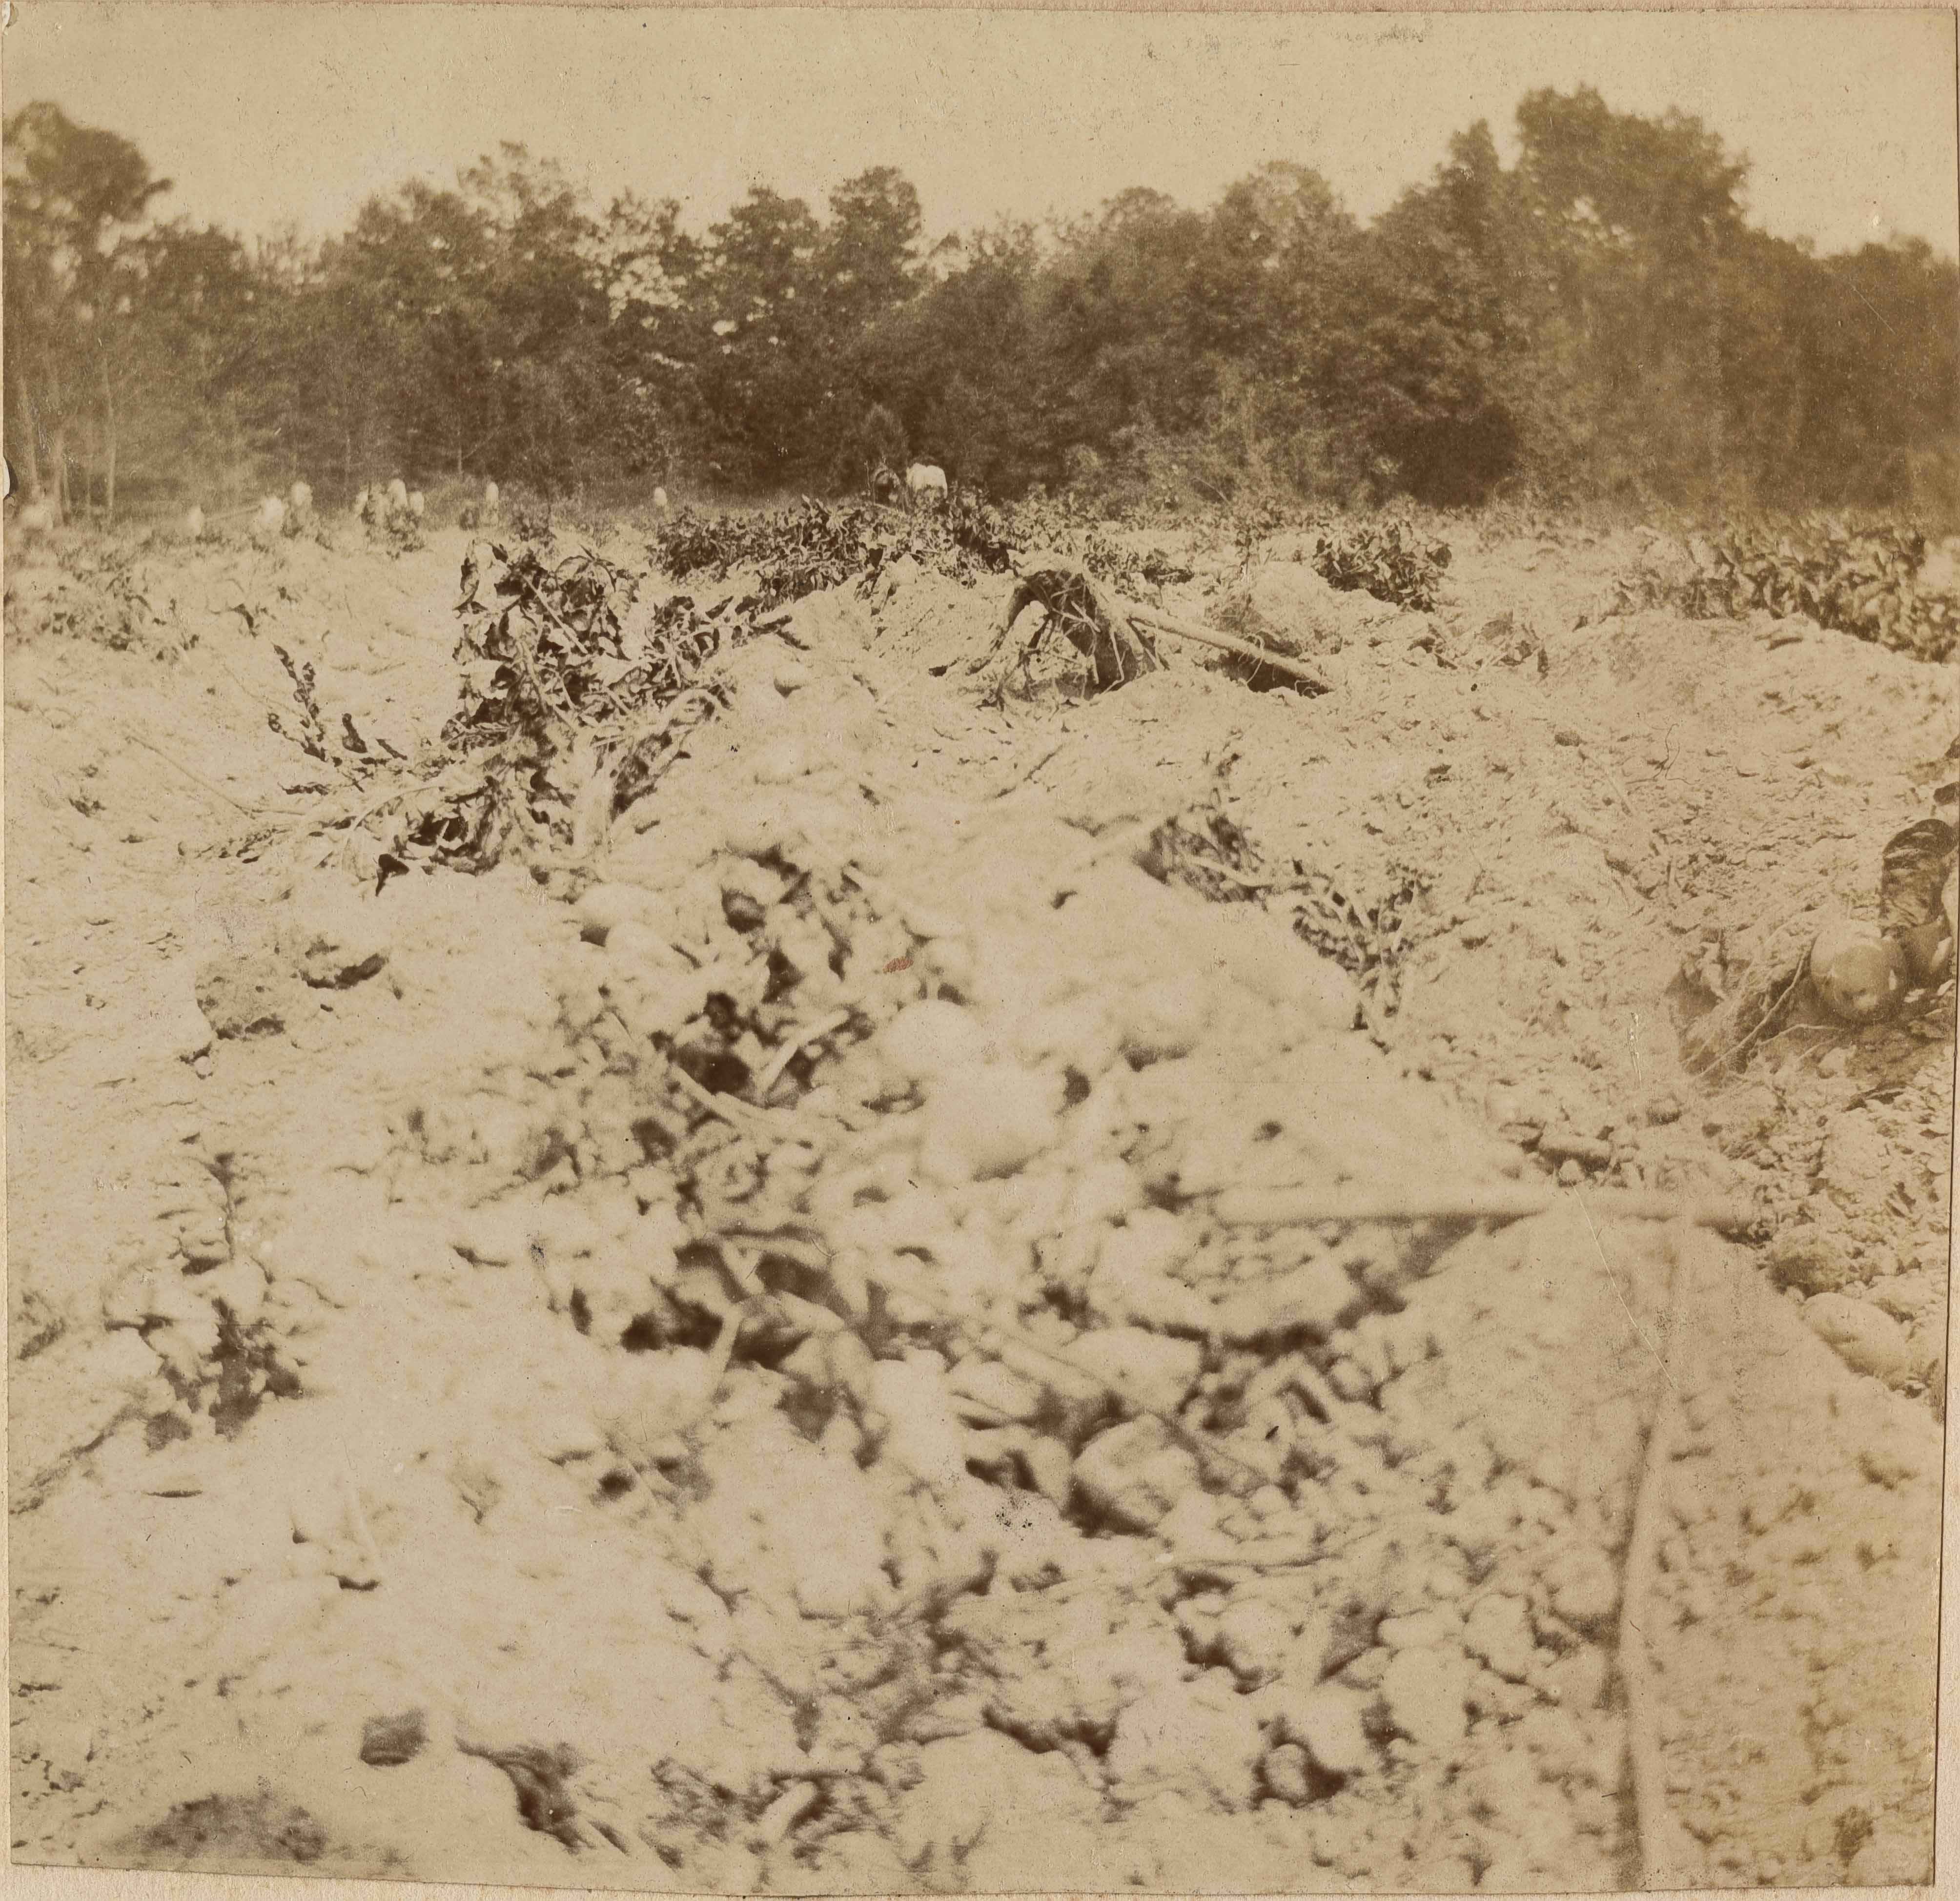 Results of potato harvesting